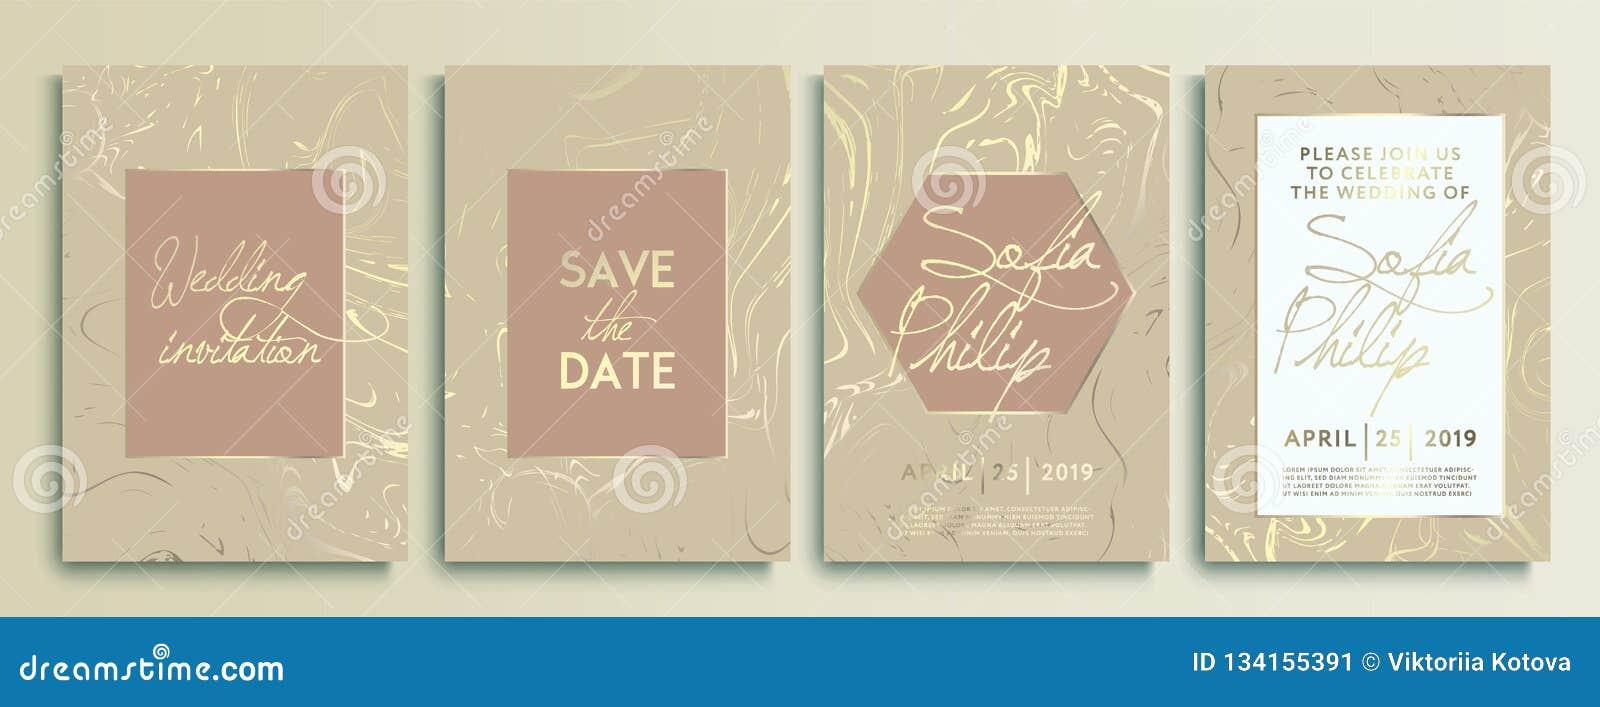 Οι κάρτες γαμήλιας πρόσκλησης με το μαρμάρινο υπόβαθρο σύστασης και τη χρυσή γεωμετρική γραμμή σχεδιάζουν το διάνυσμα Σύνολο πλαι